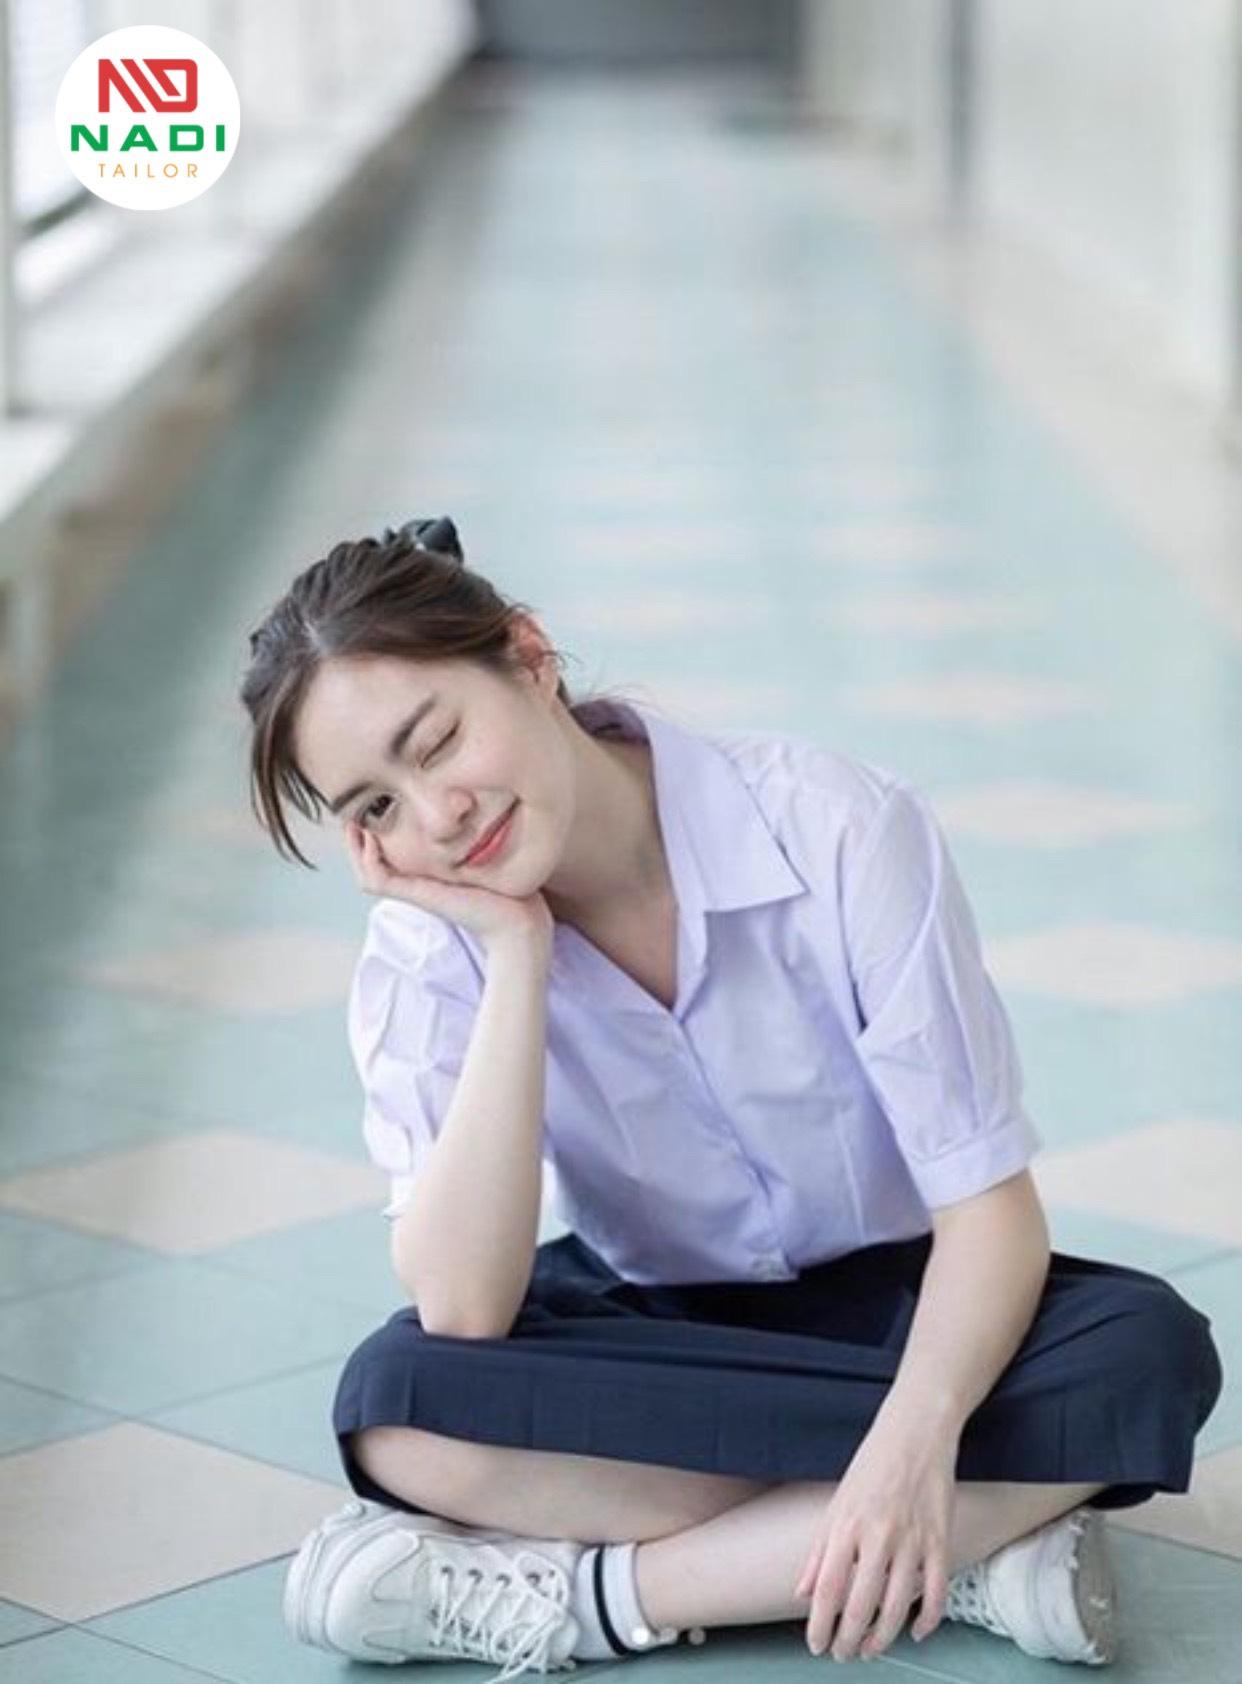 Thái Lan là một trong những nước có đồng phục học sinh đẹp